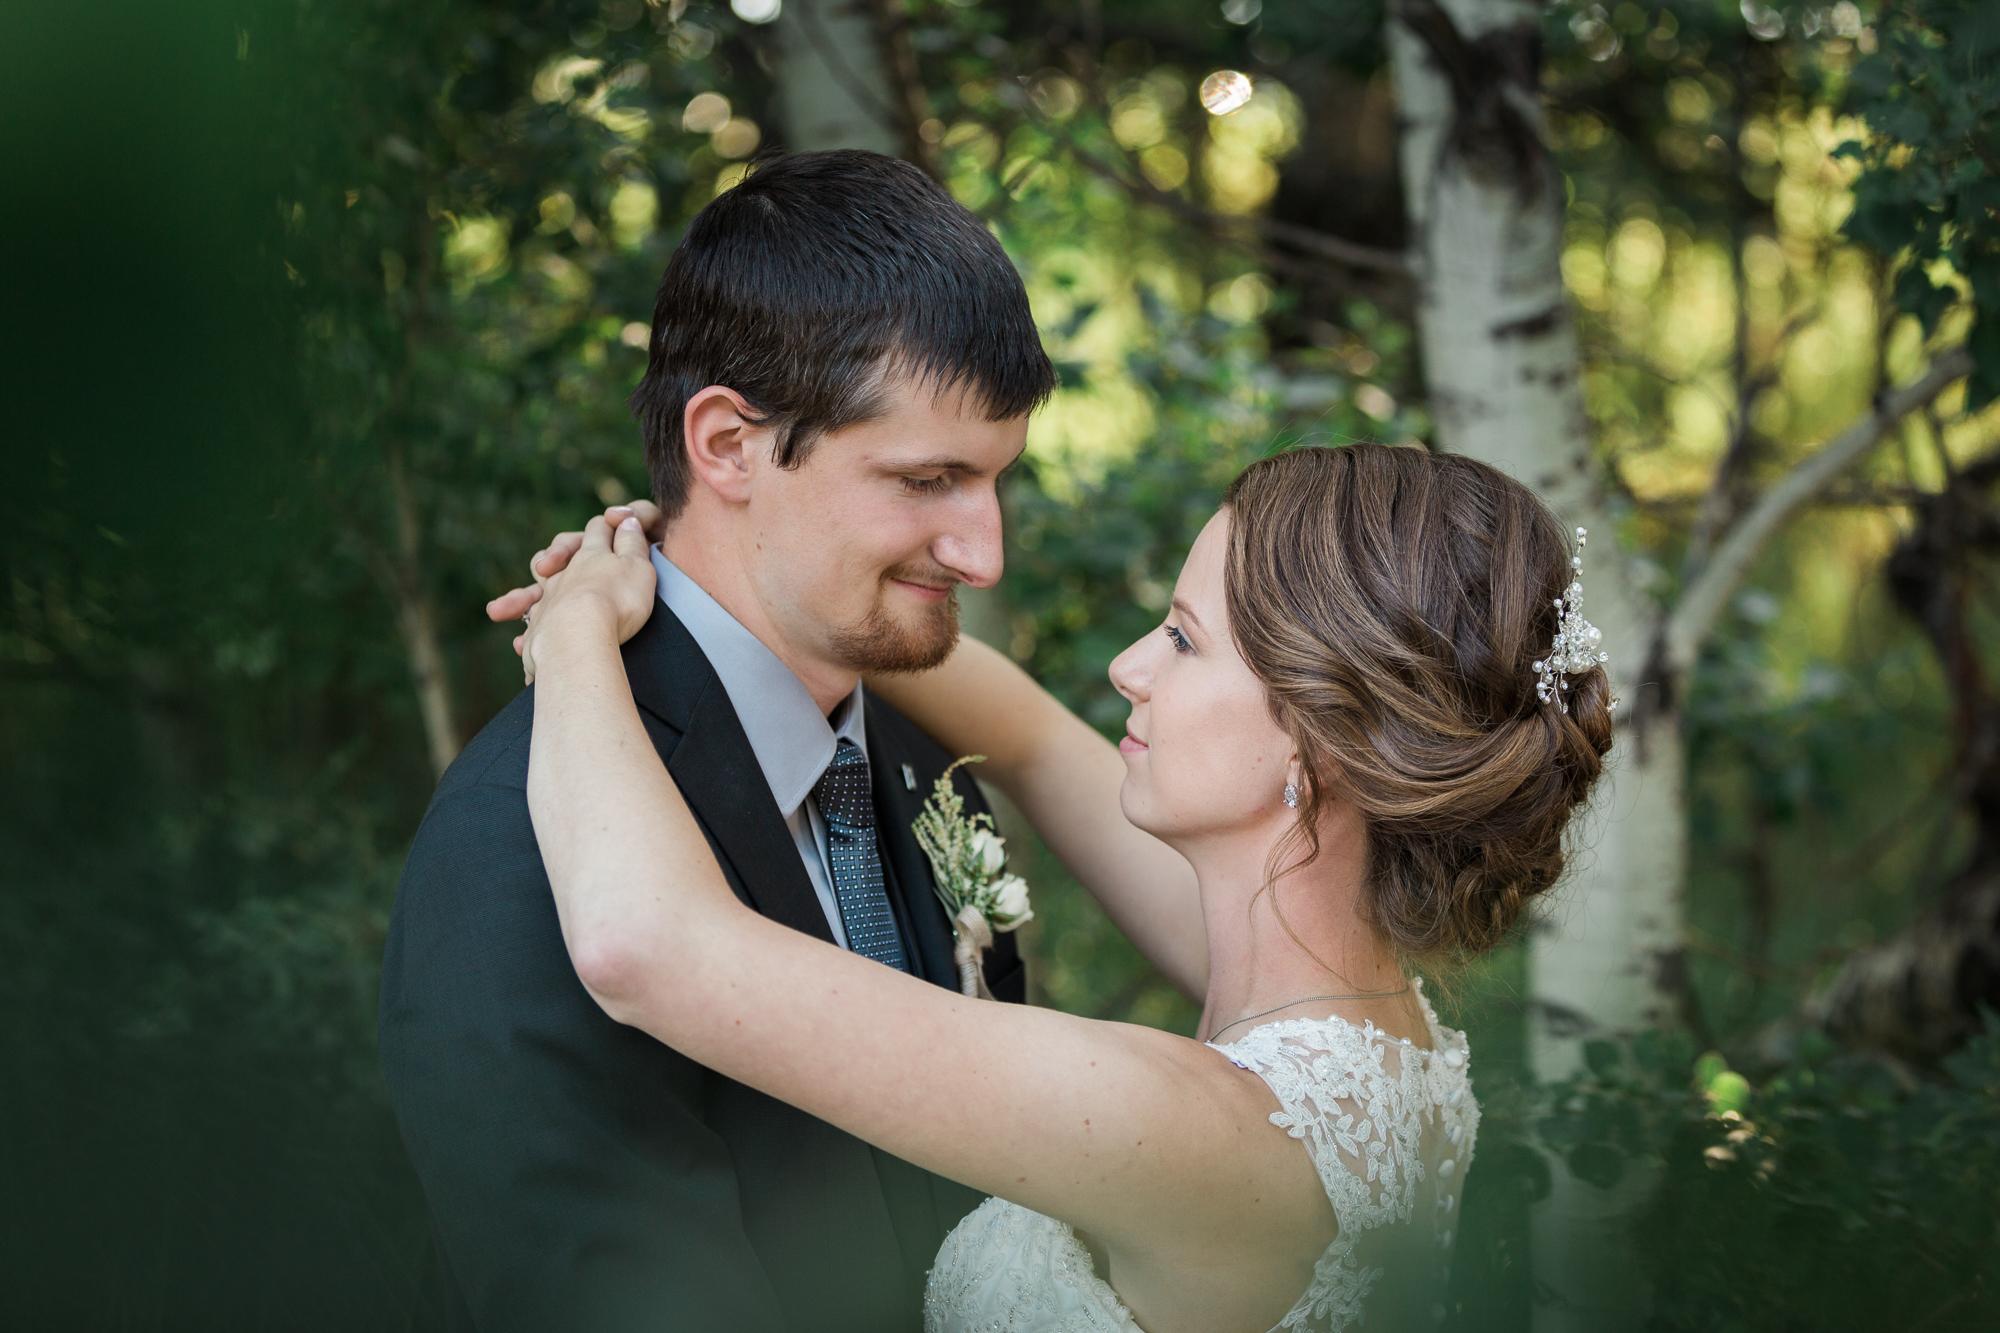 Deanna-Rachel-Photography-calgary-Wedding-photographer-jm-65.jpg